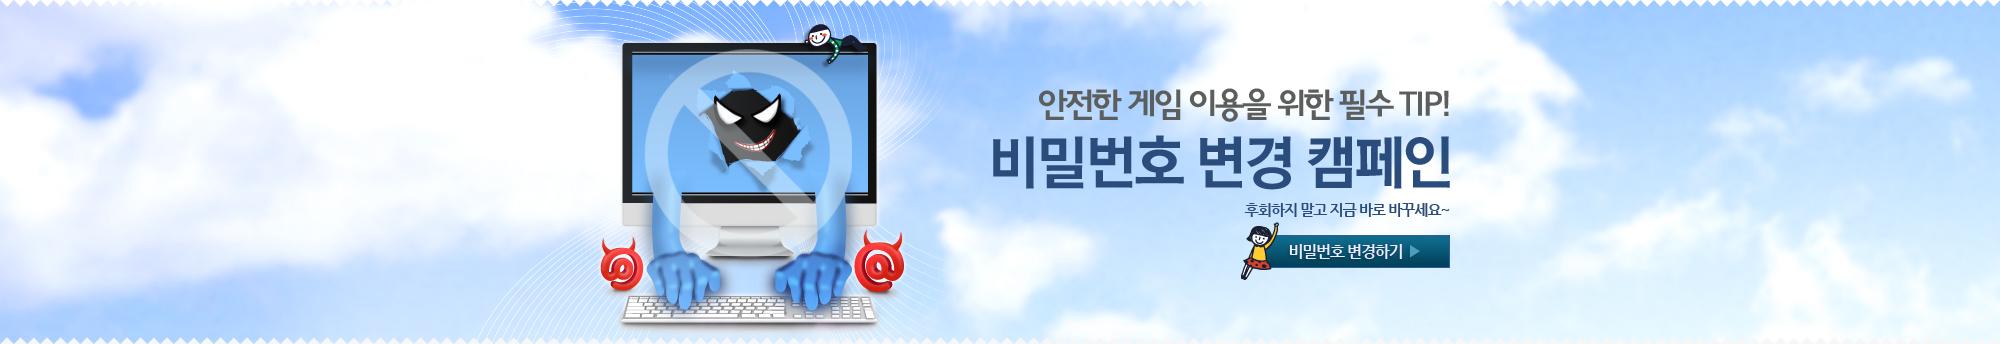 비밀번호 변경 캠페인